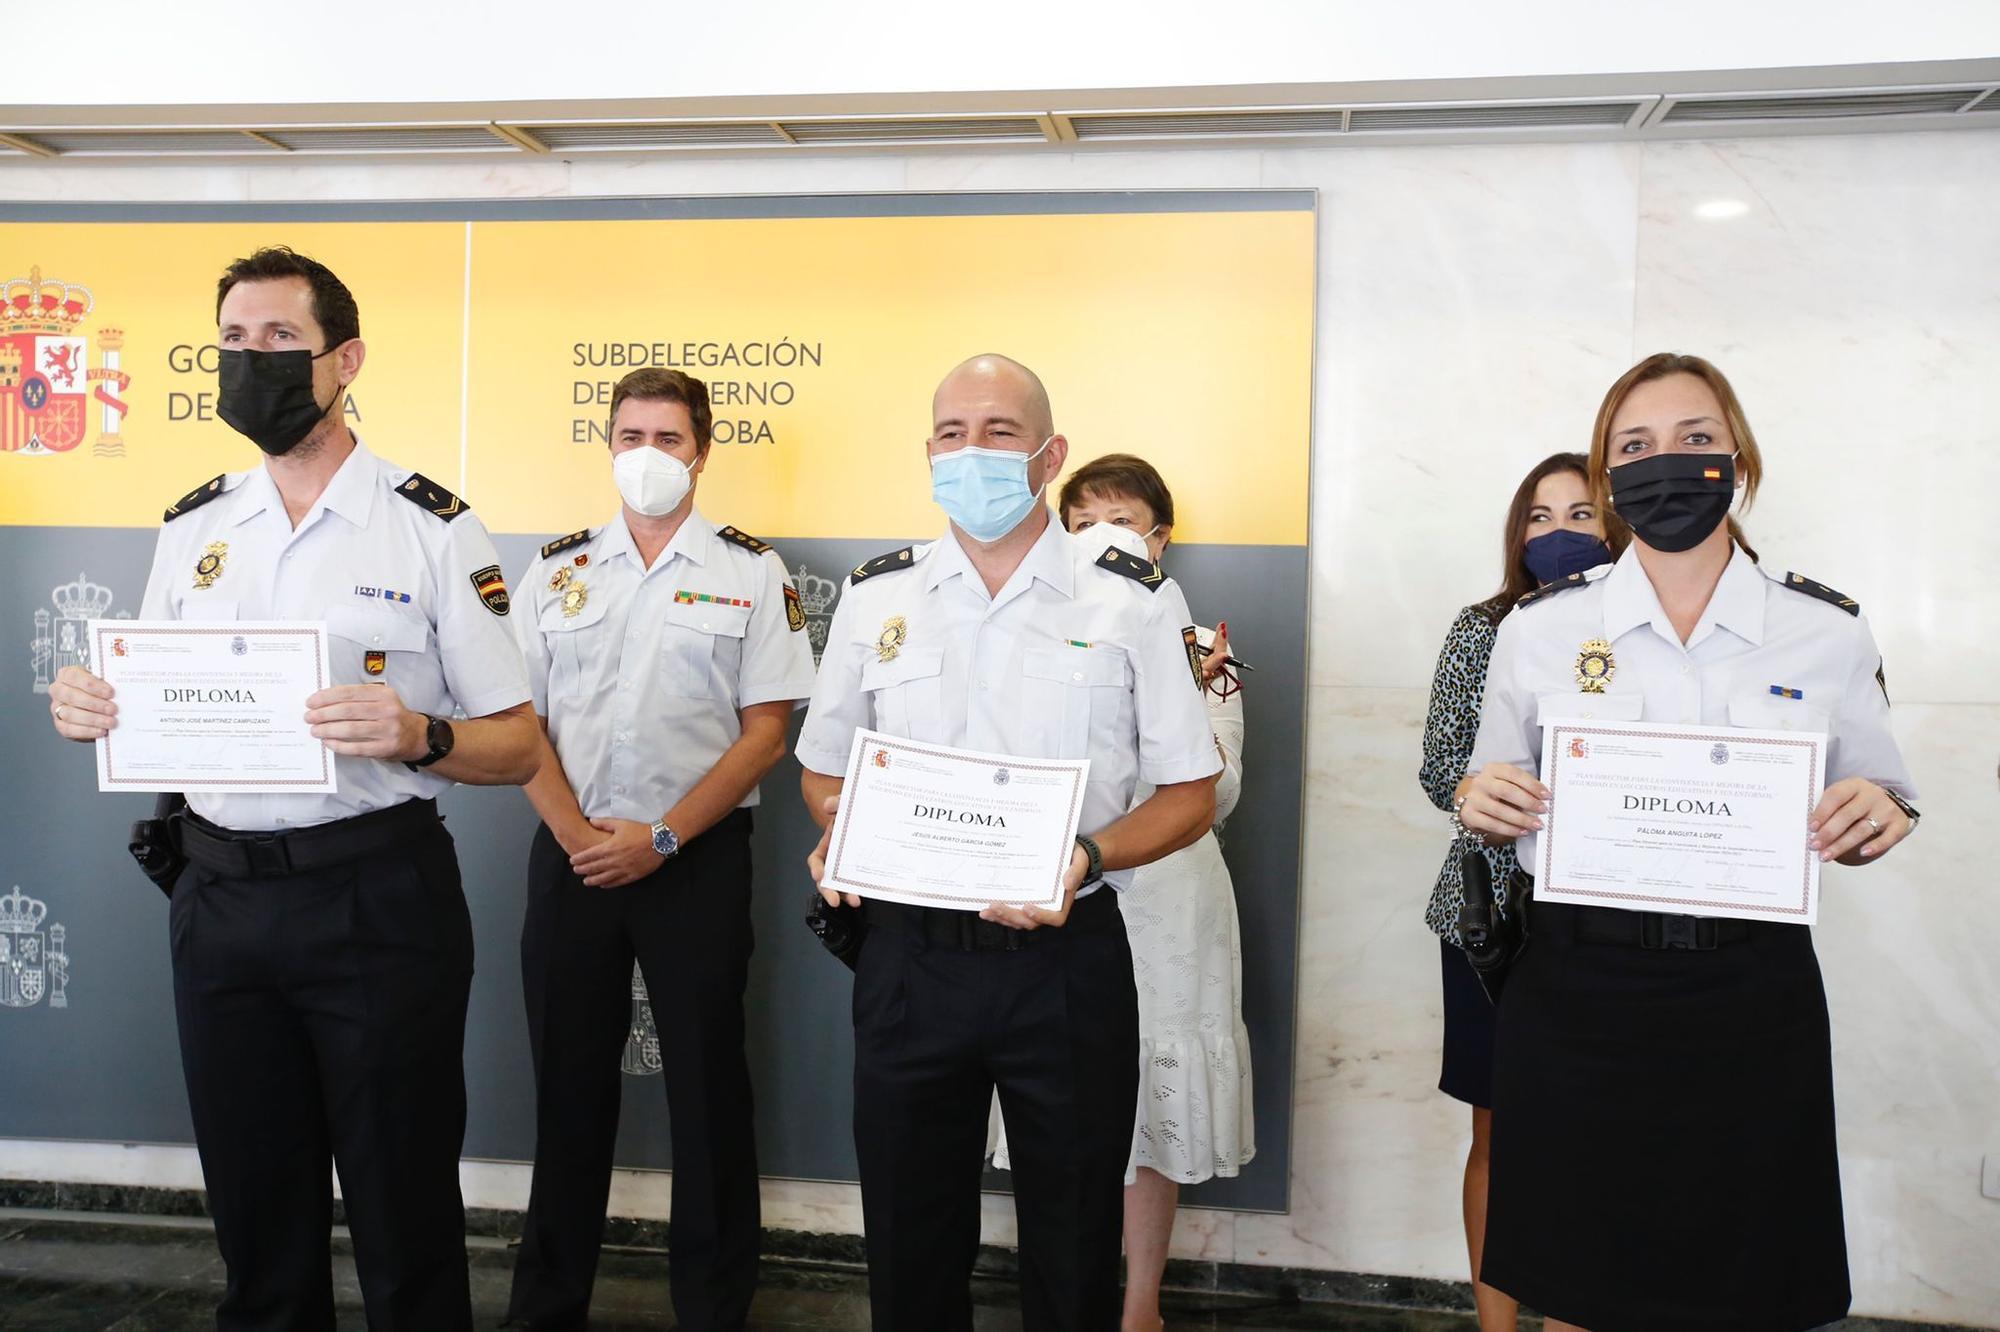 Entrega de diplomas en reconocimiento a la labor de las Fuerzas y Cuerpos de Seguridad del Estado